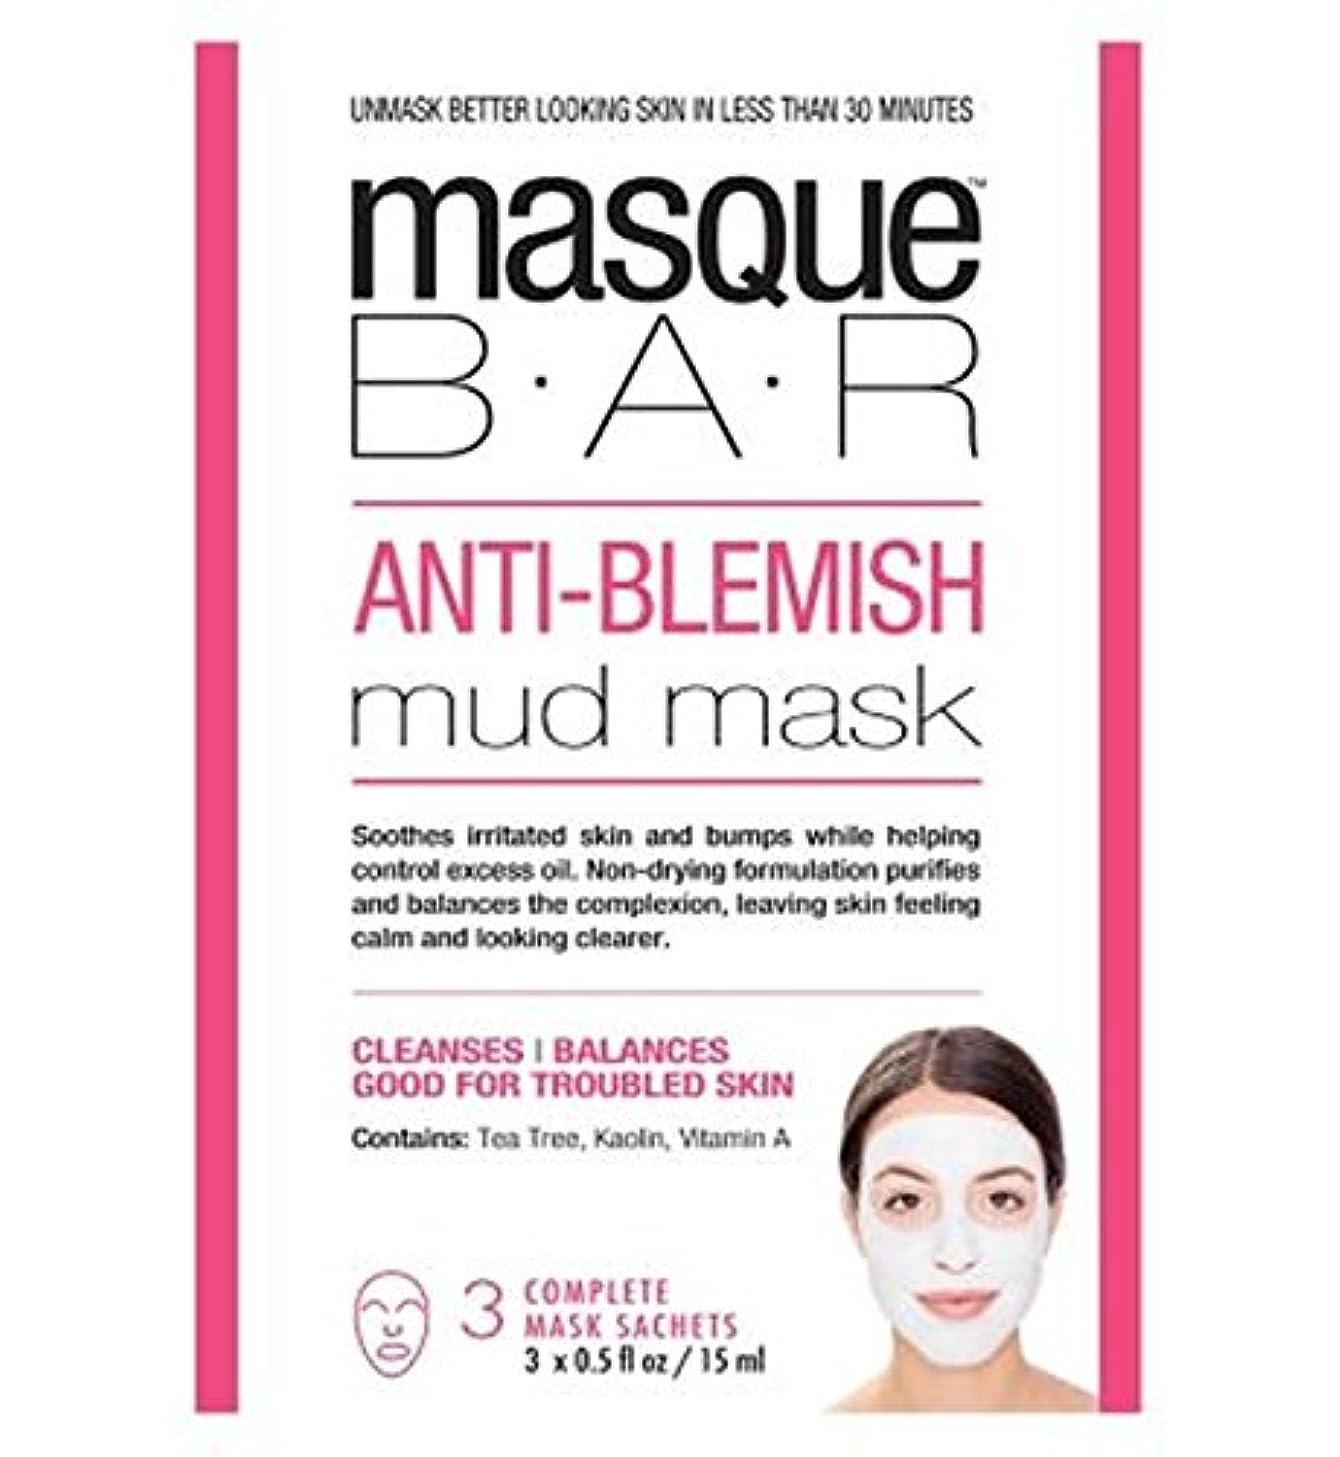 爆風八百屋タール仮面劇バー抗傷泥マスク - 3S (P6B Masque Bar Bt) (x2) - Masque Bar Anti-Blemish Mud Mask - 3s (Pack of 2) [並行輸入品]